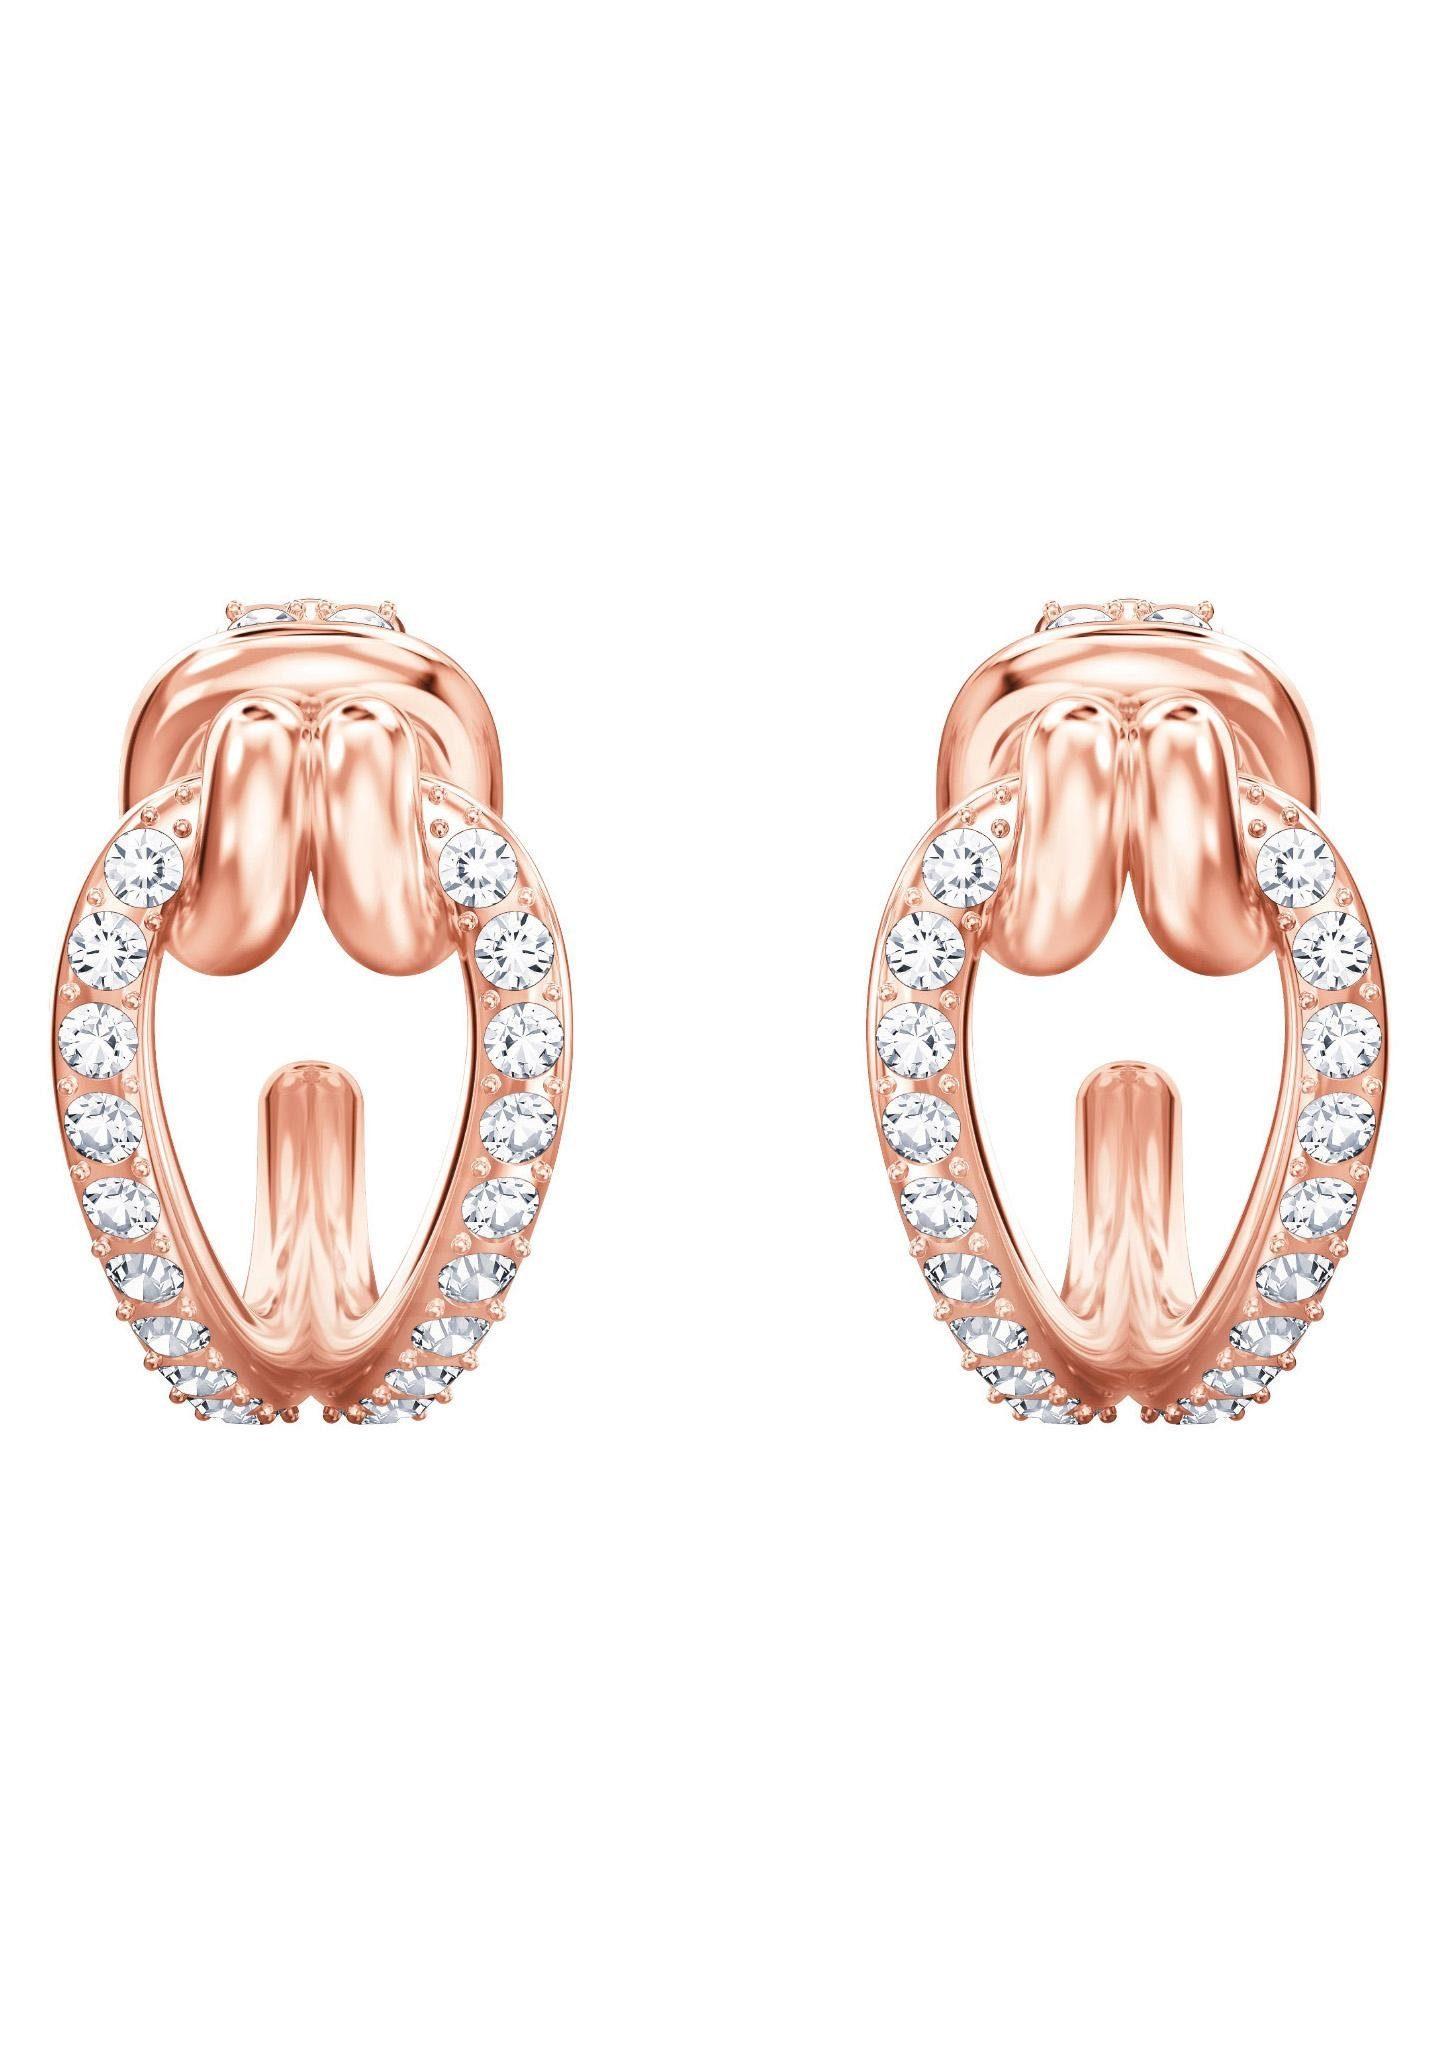 Swarovski Paar Ohrstecker »Lifelong, klein, weiss, rosé Vergoldung, 5392920« mit Swarovski® Kristallen